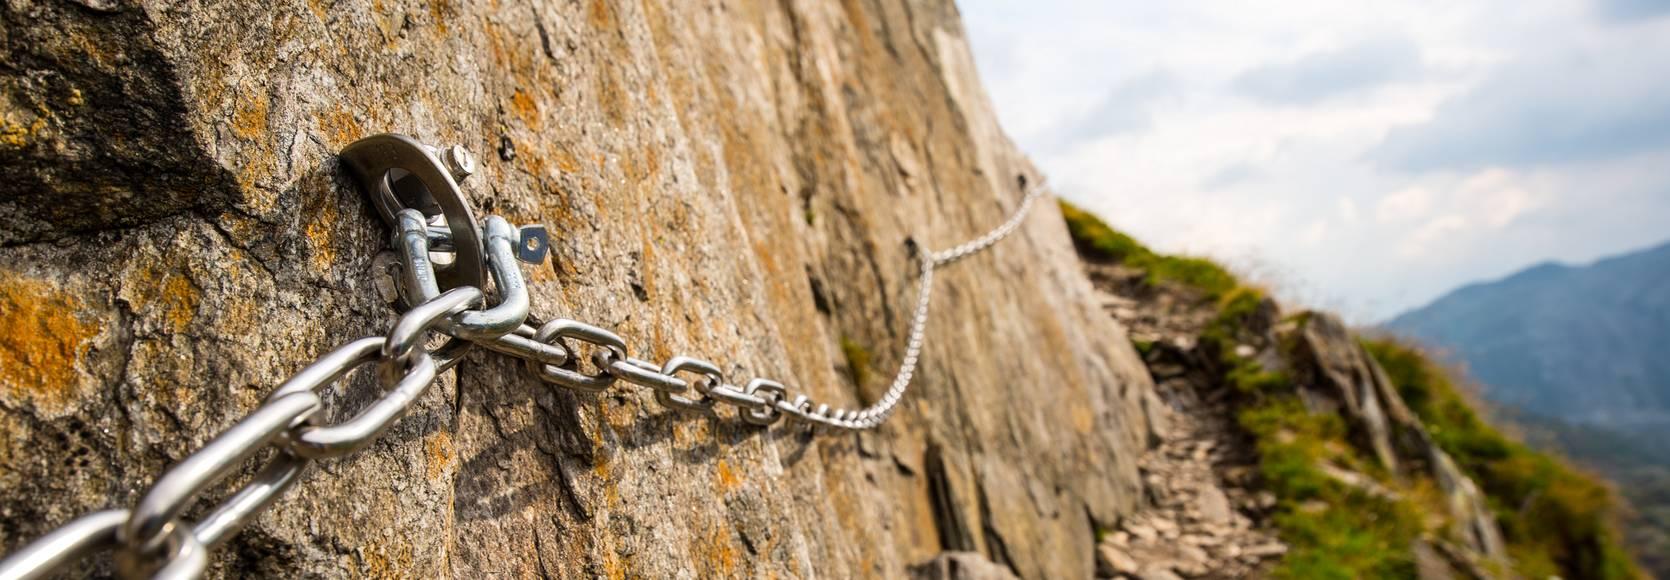 Klettersteig-Alpen_AdobeStock_Uli-B_89811422_header